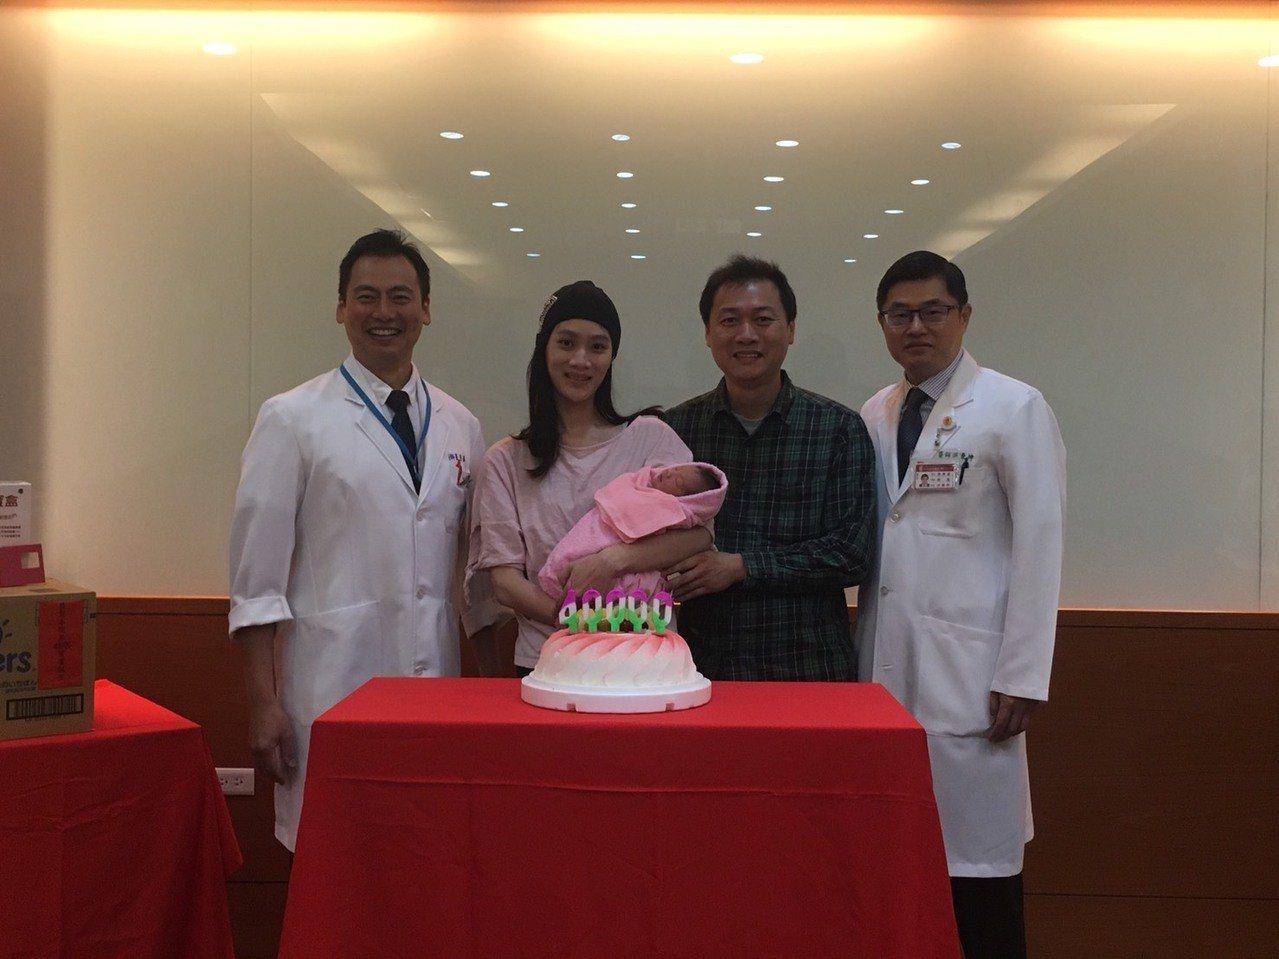 秉坤婦幼醫院接生第4萬名新生兒。圖/秉坤婦幼醫院提供